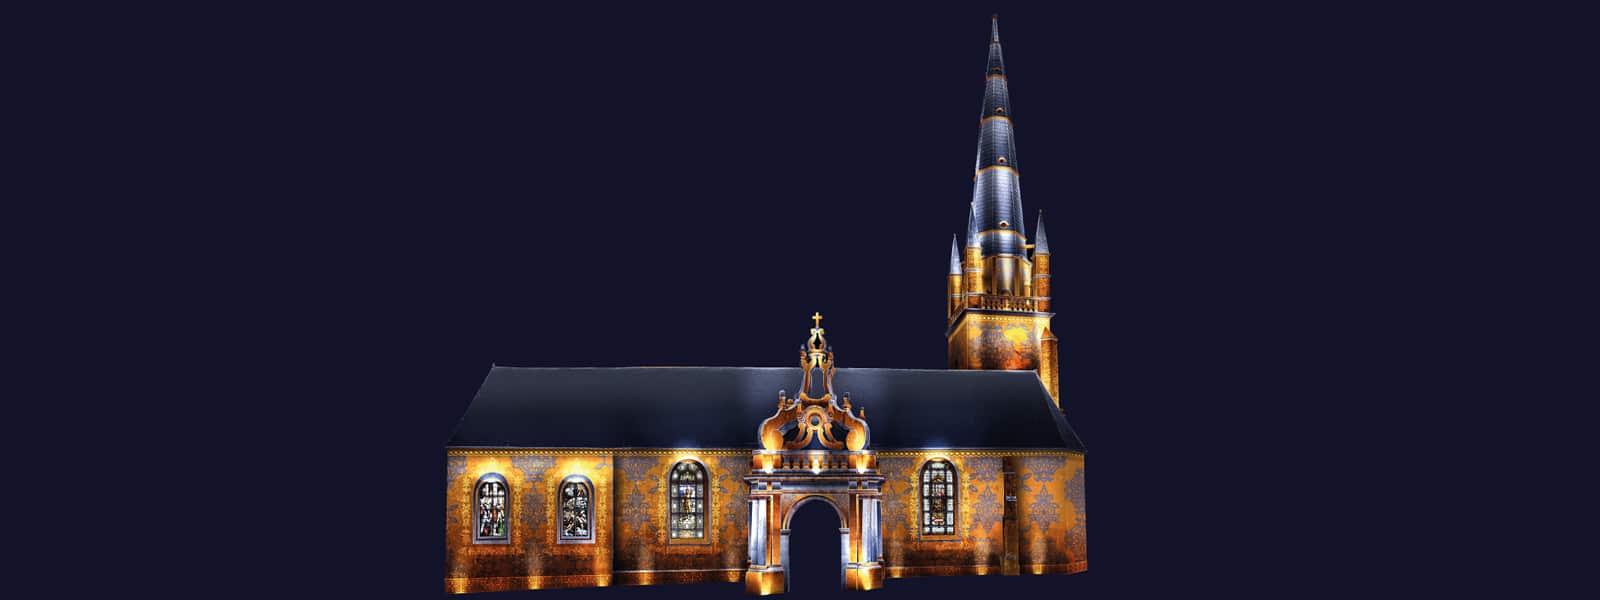 Lumiliz à Carnac projection vidéo monumentale sur l'église Saint Cornély